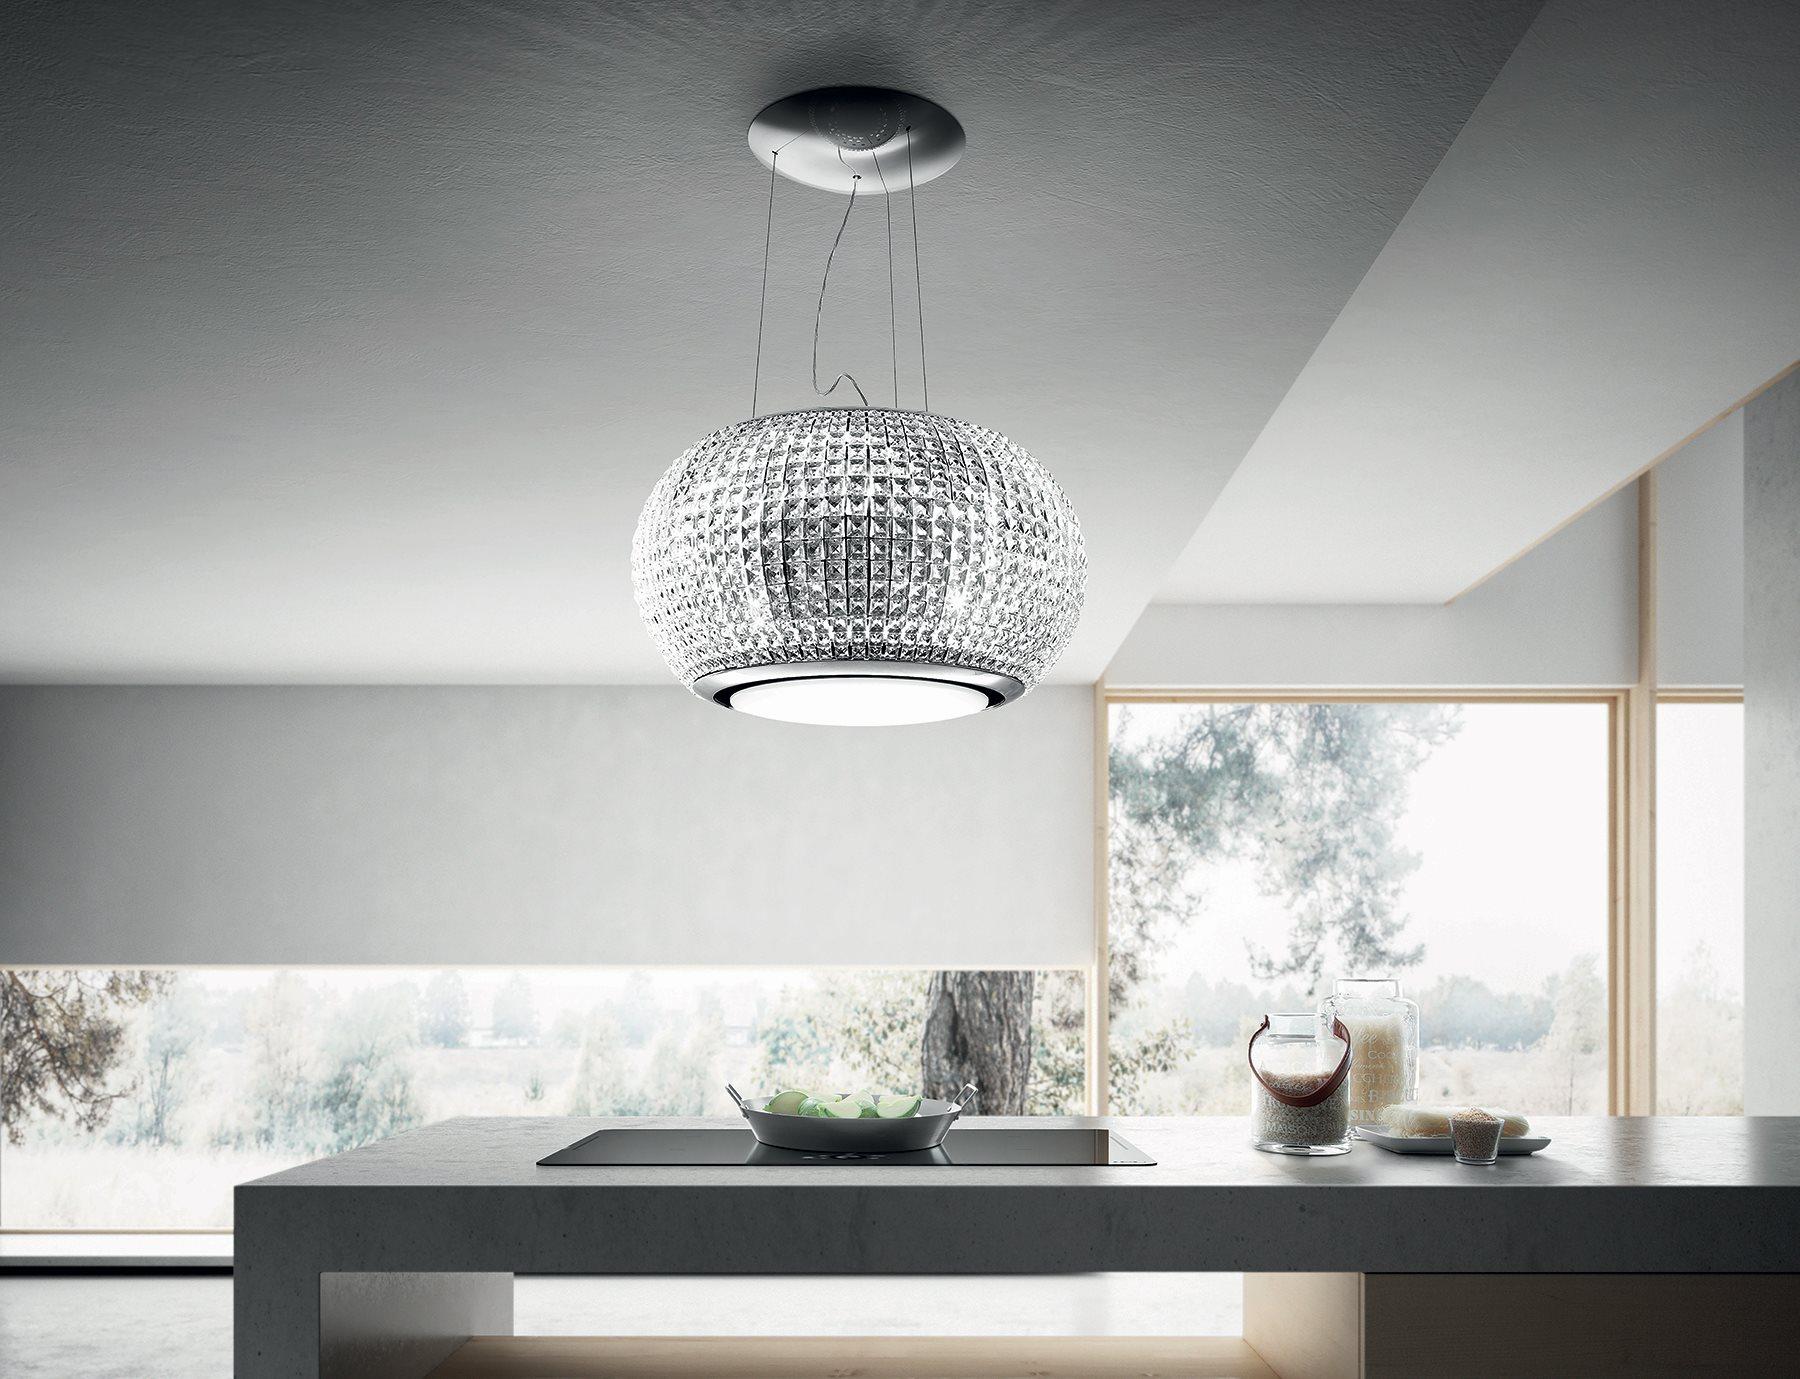 elica-campanas-ambientes-de-diseno-cocinas-con-diseno-unico-muebles-de-cocina-antalia-cocinas-proyecto-de-cocina-cocinas-de-diseno-exclusivo-4